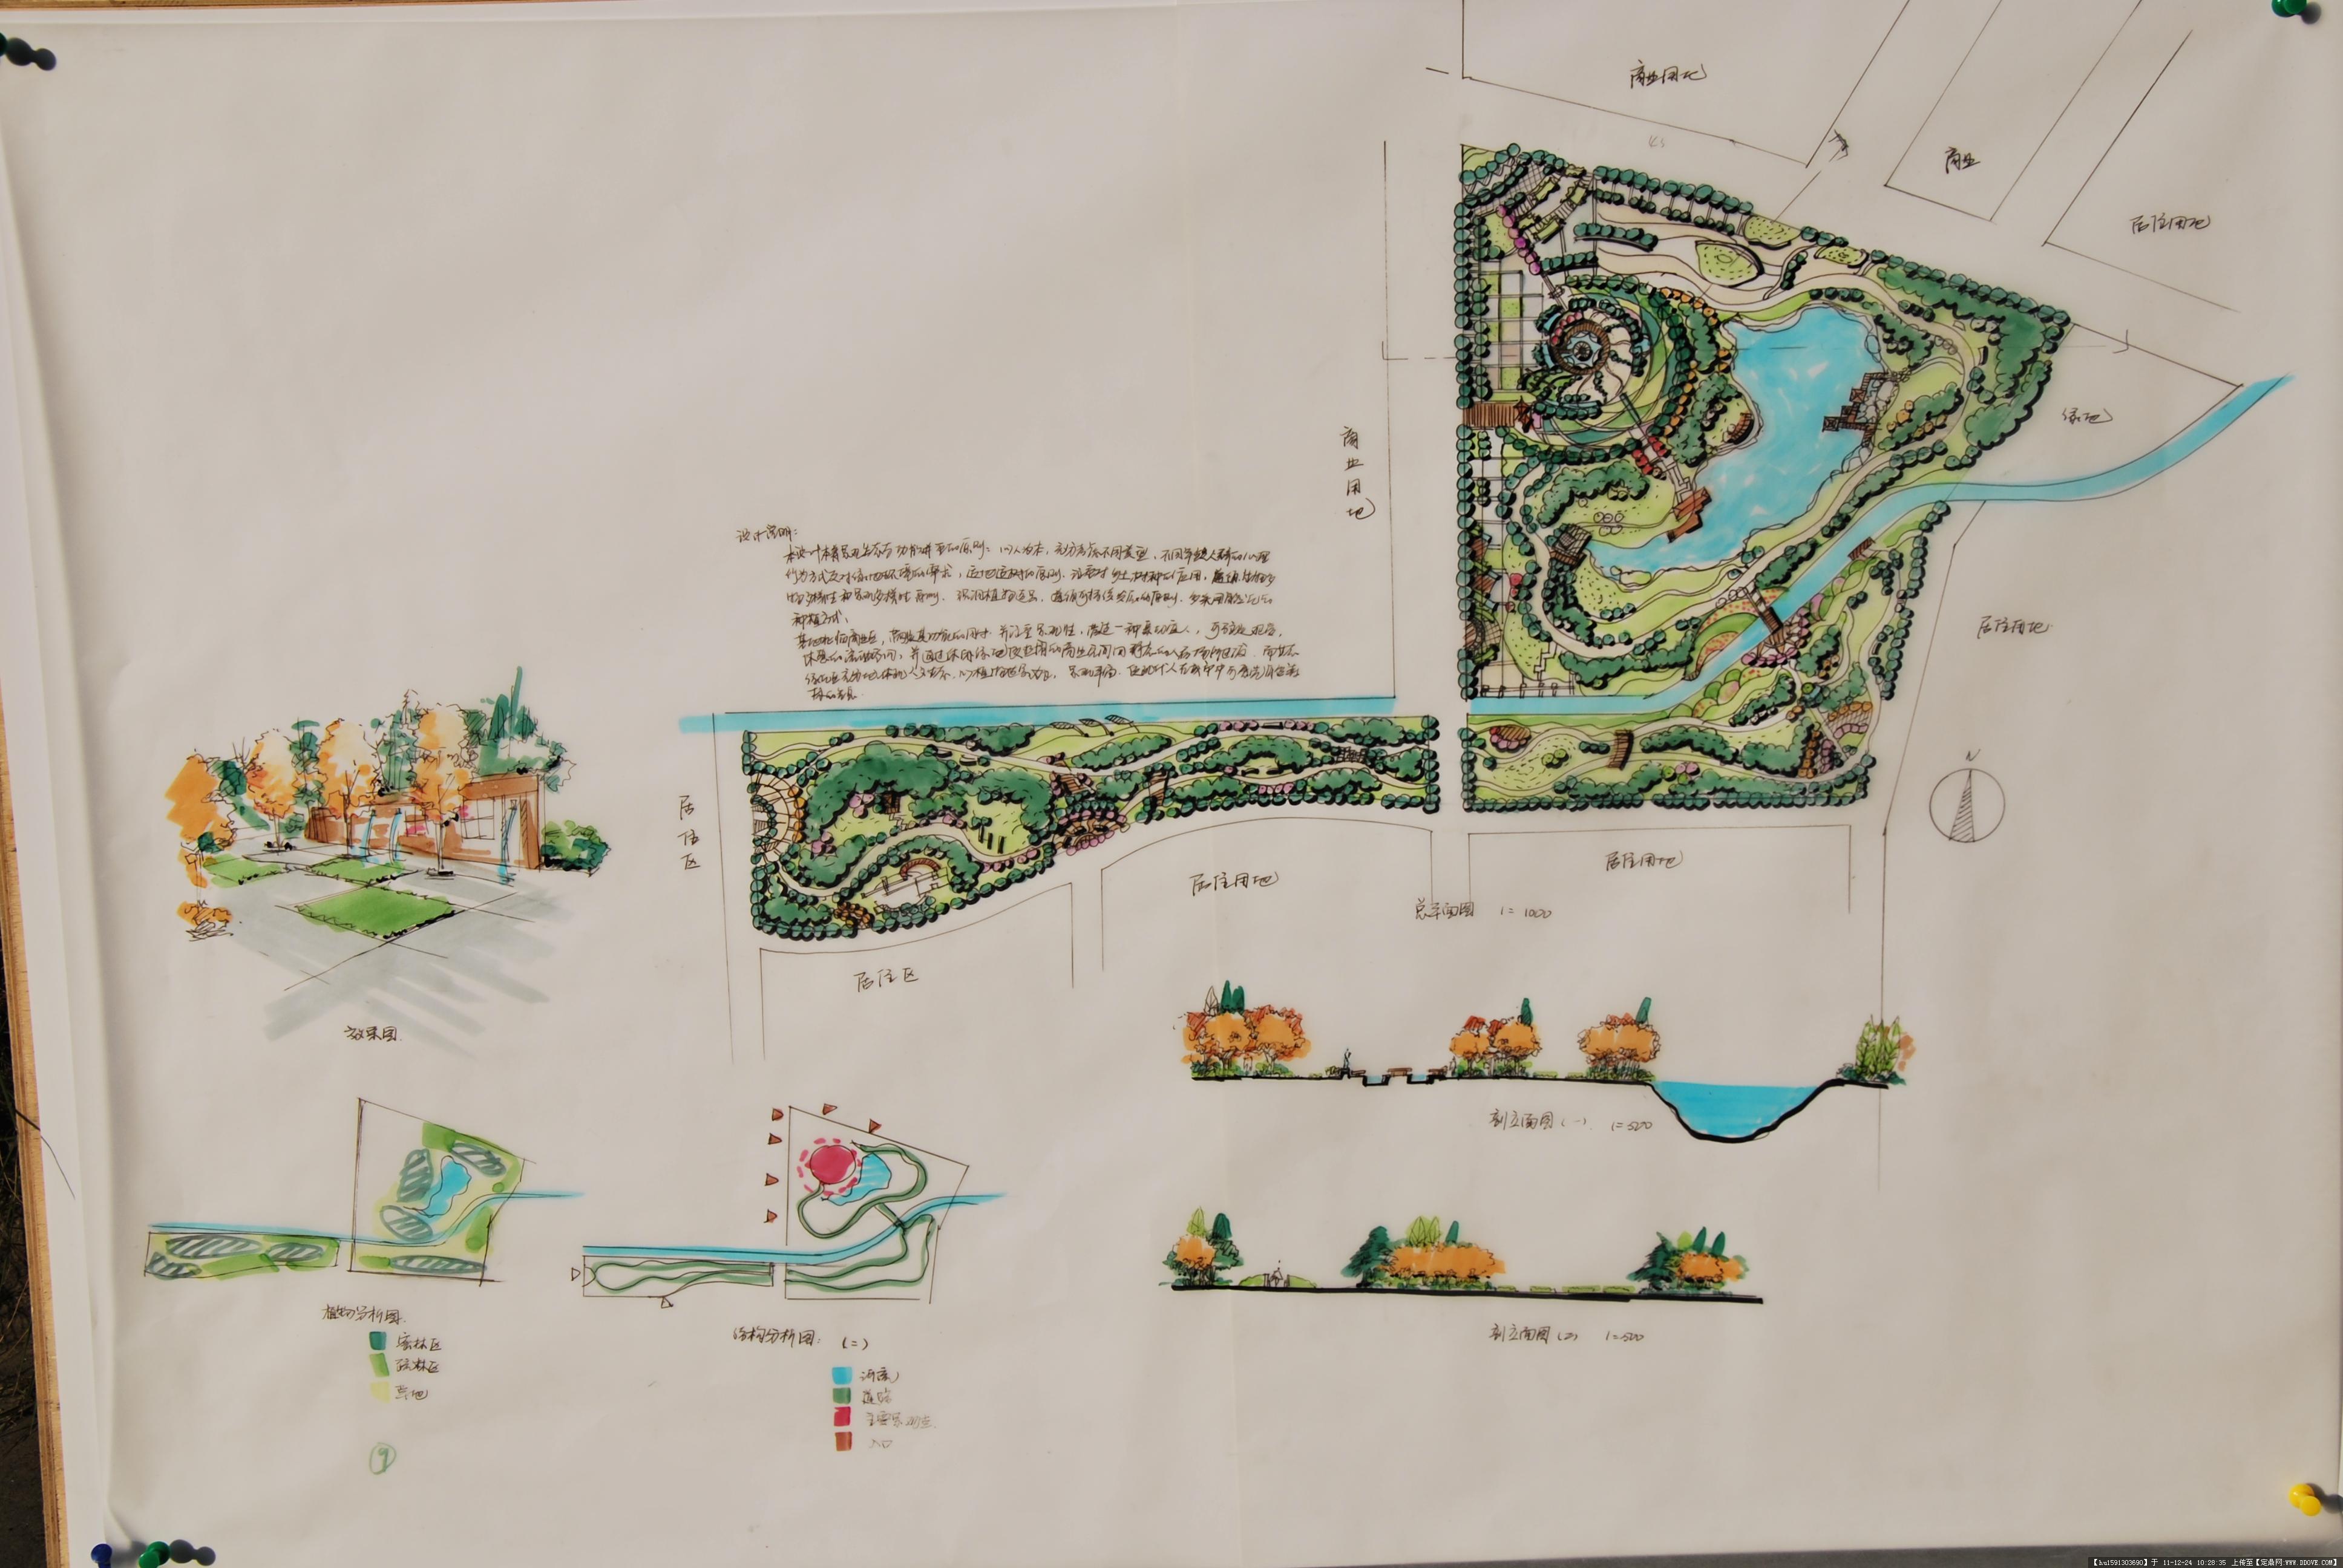 景观手绘效果图的图片浏览,园林效果图,公园景观,园林